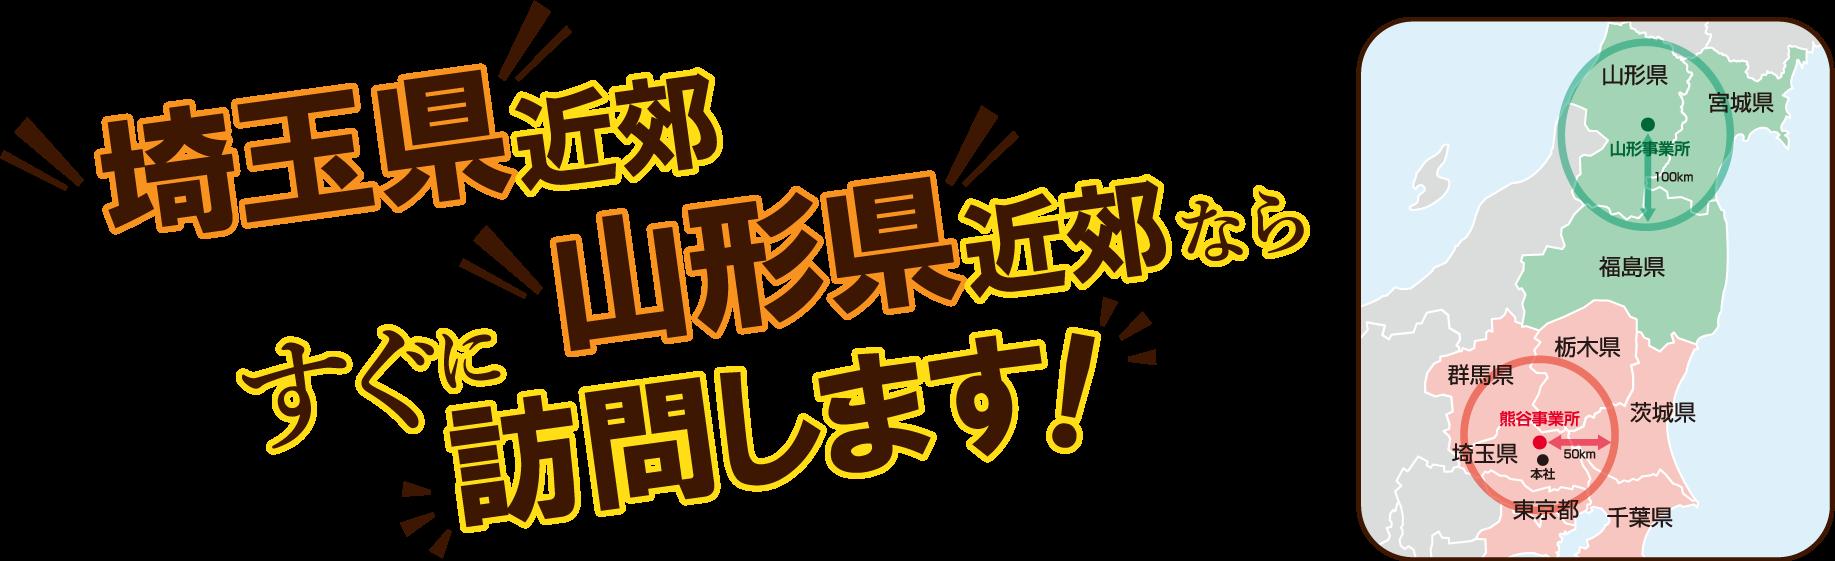 埼玉近郊・山形県近郊ならすぐ訪問します!